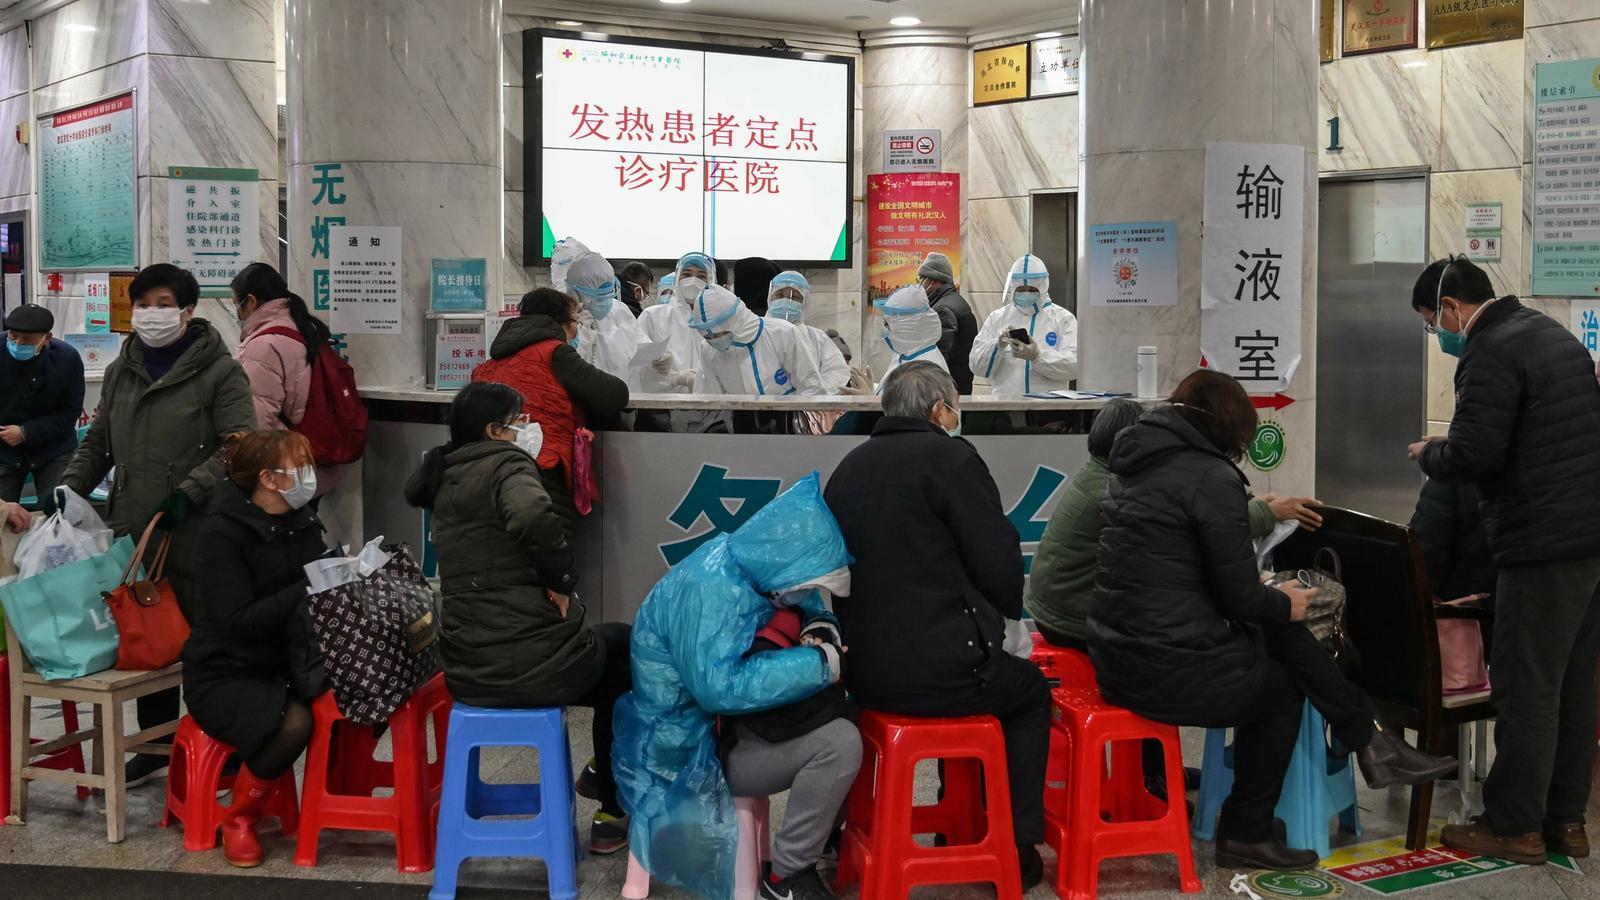 La capacitat de propagació del coronavirus xinès augmenta